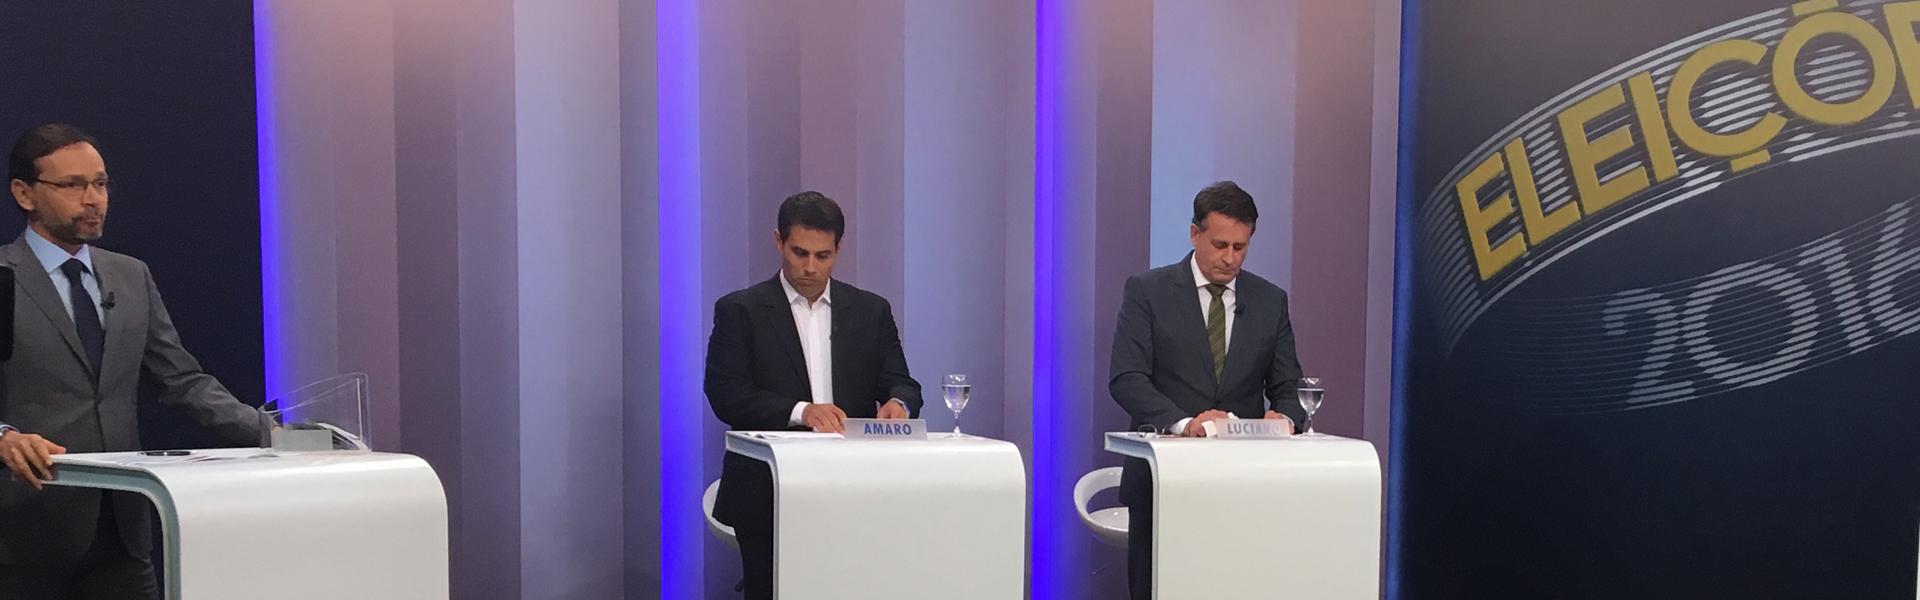 Rede Gazeta Prepara Equipes Para 2 Turno E Tv Gazeta Faz Debate Ao  -> Sala De Redacao Na Tv Ao Vivo